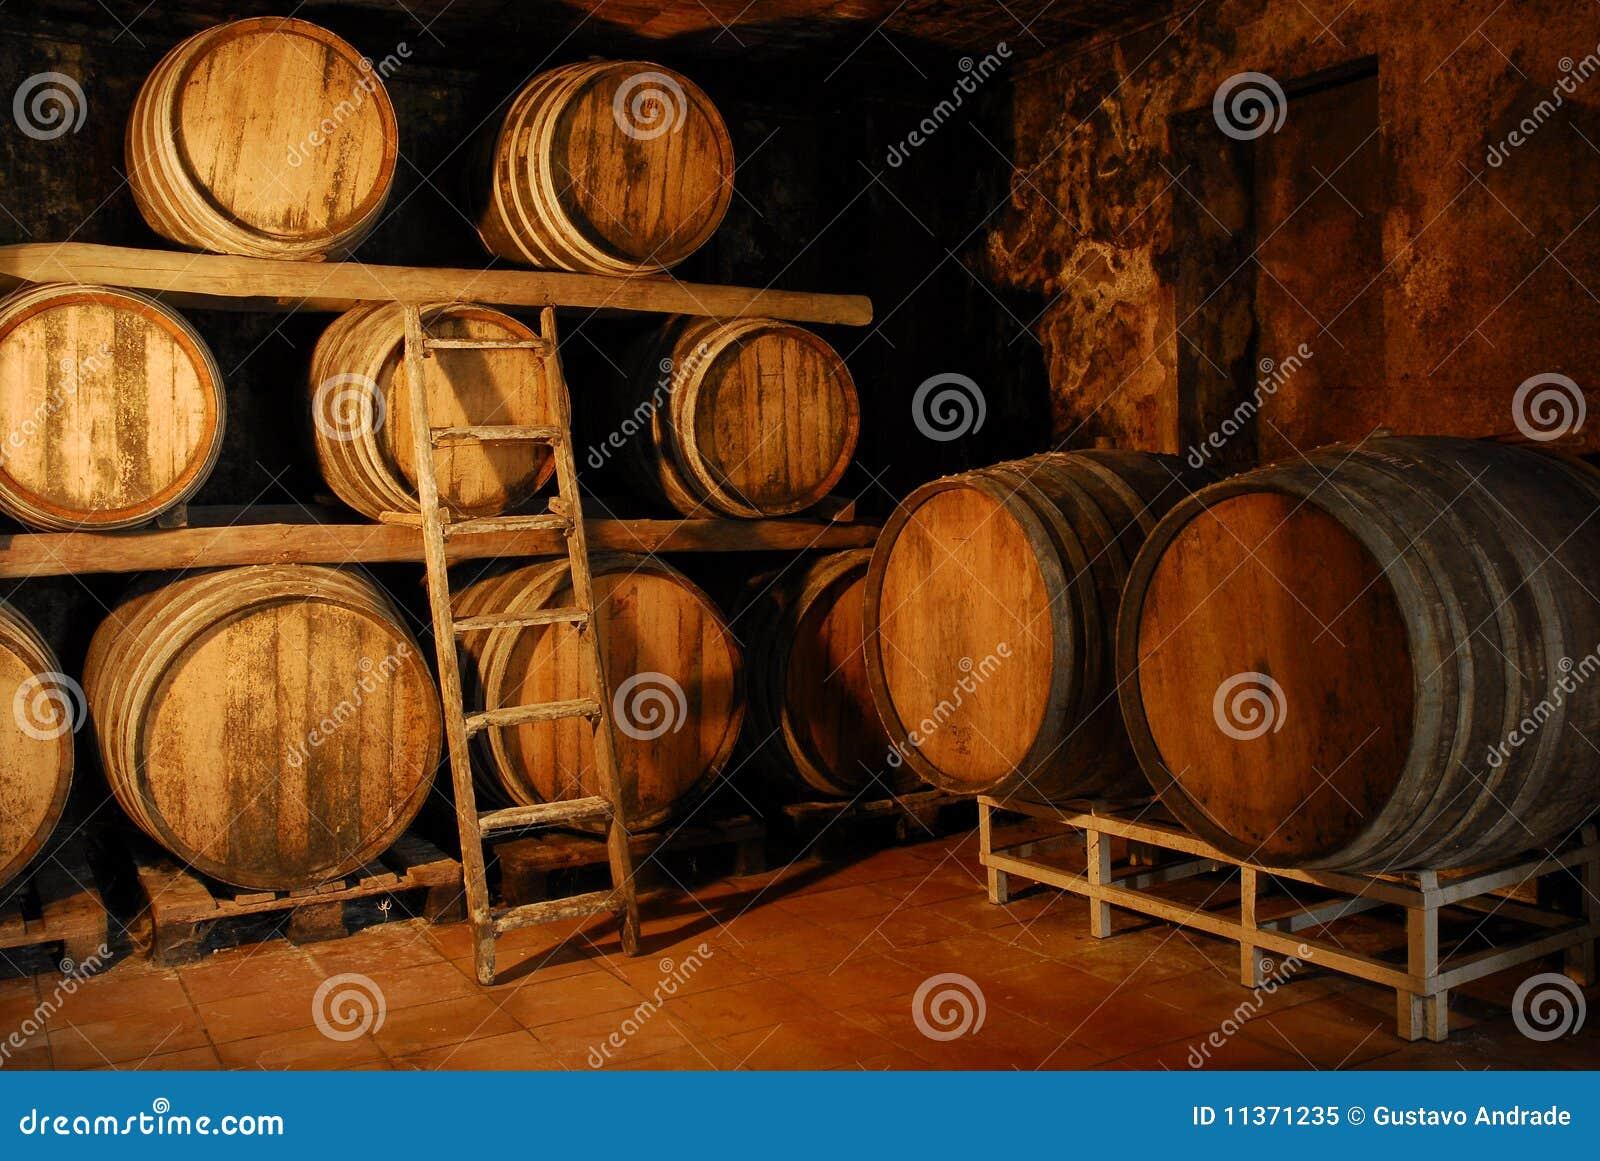 La mia stanza del vino.